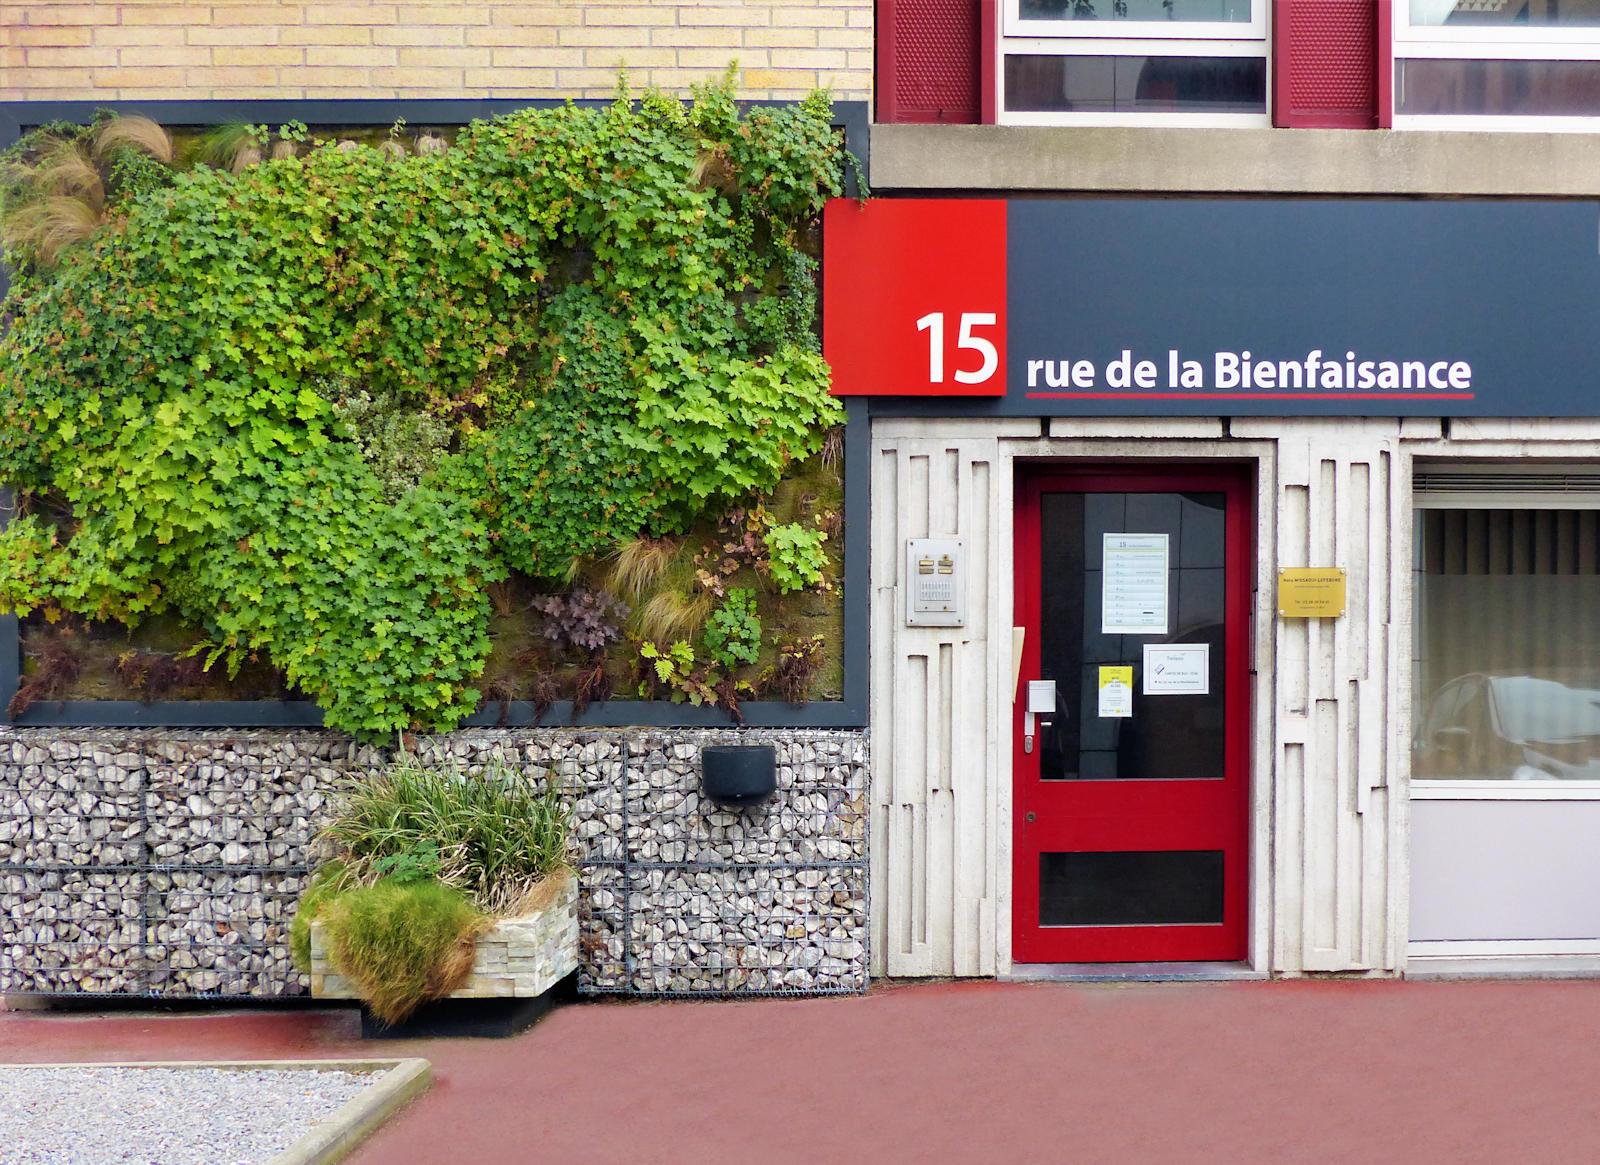 15 rue de la Bienfaisance, Tourcoing